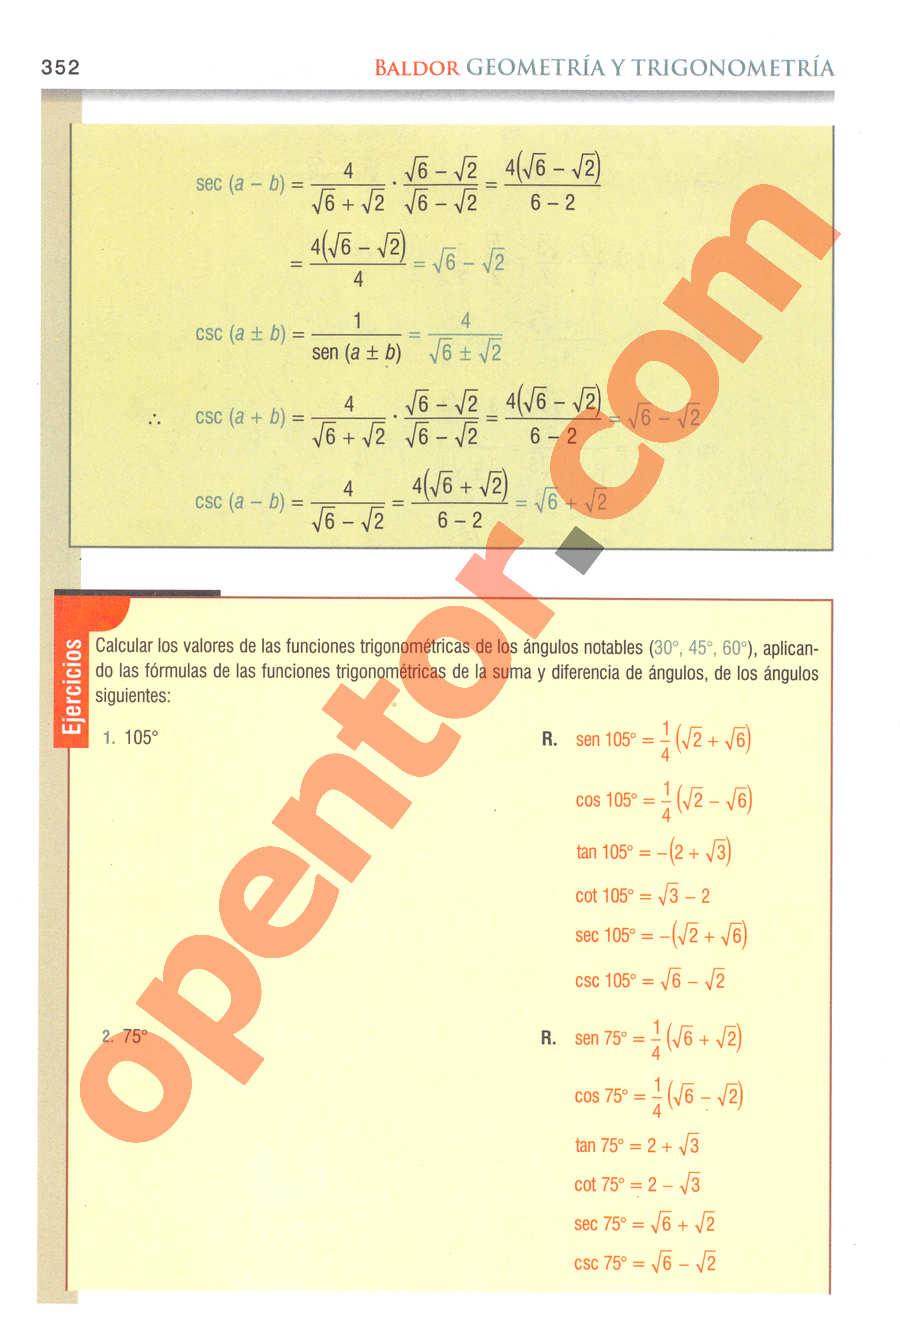 Geometría y Trigonometría de Baldor - Página 352